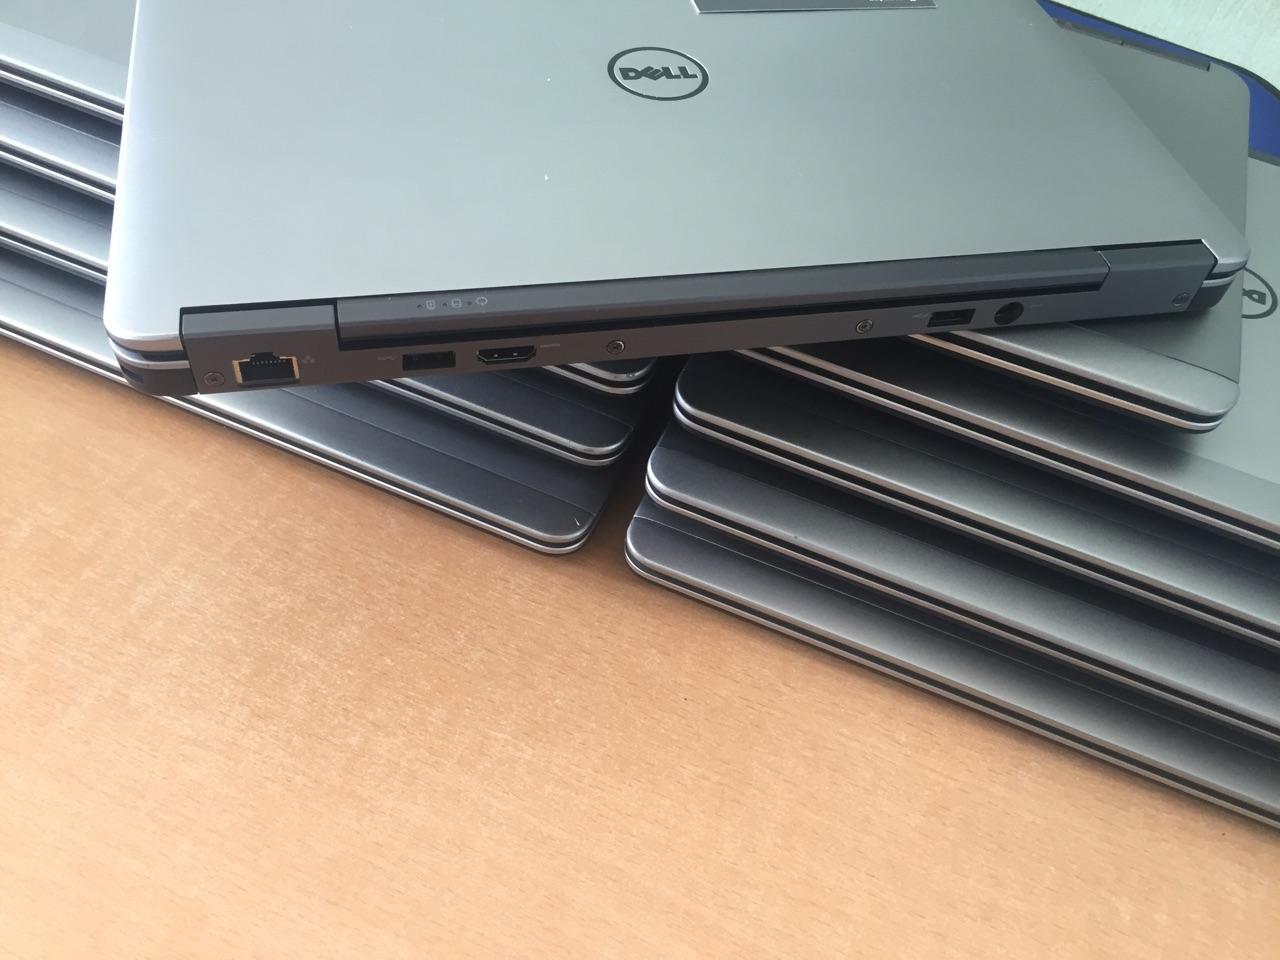 Mẫu máy tính Dell Latitude khá bền mà giá cũng mềm mại